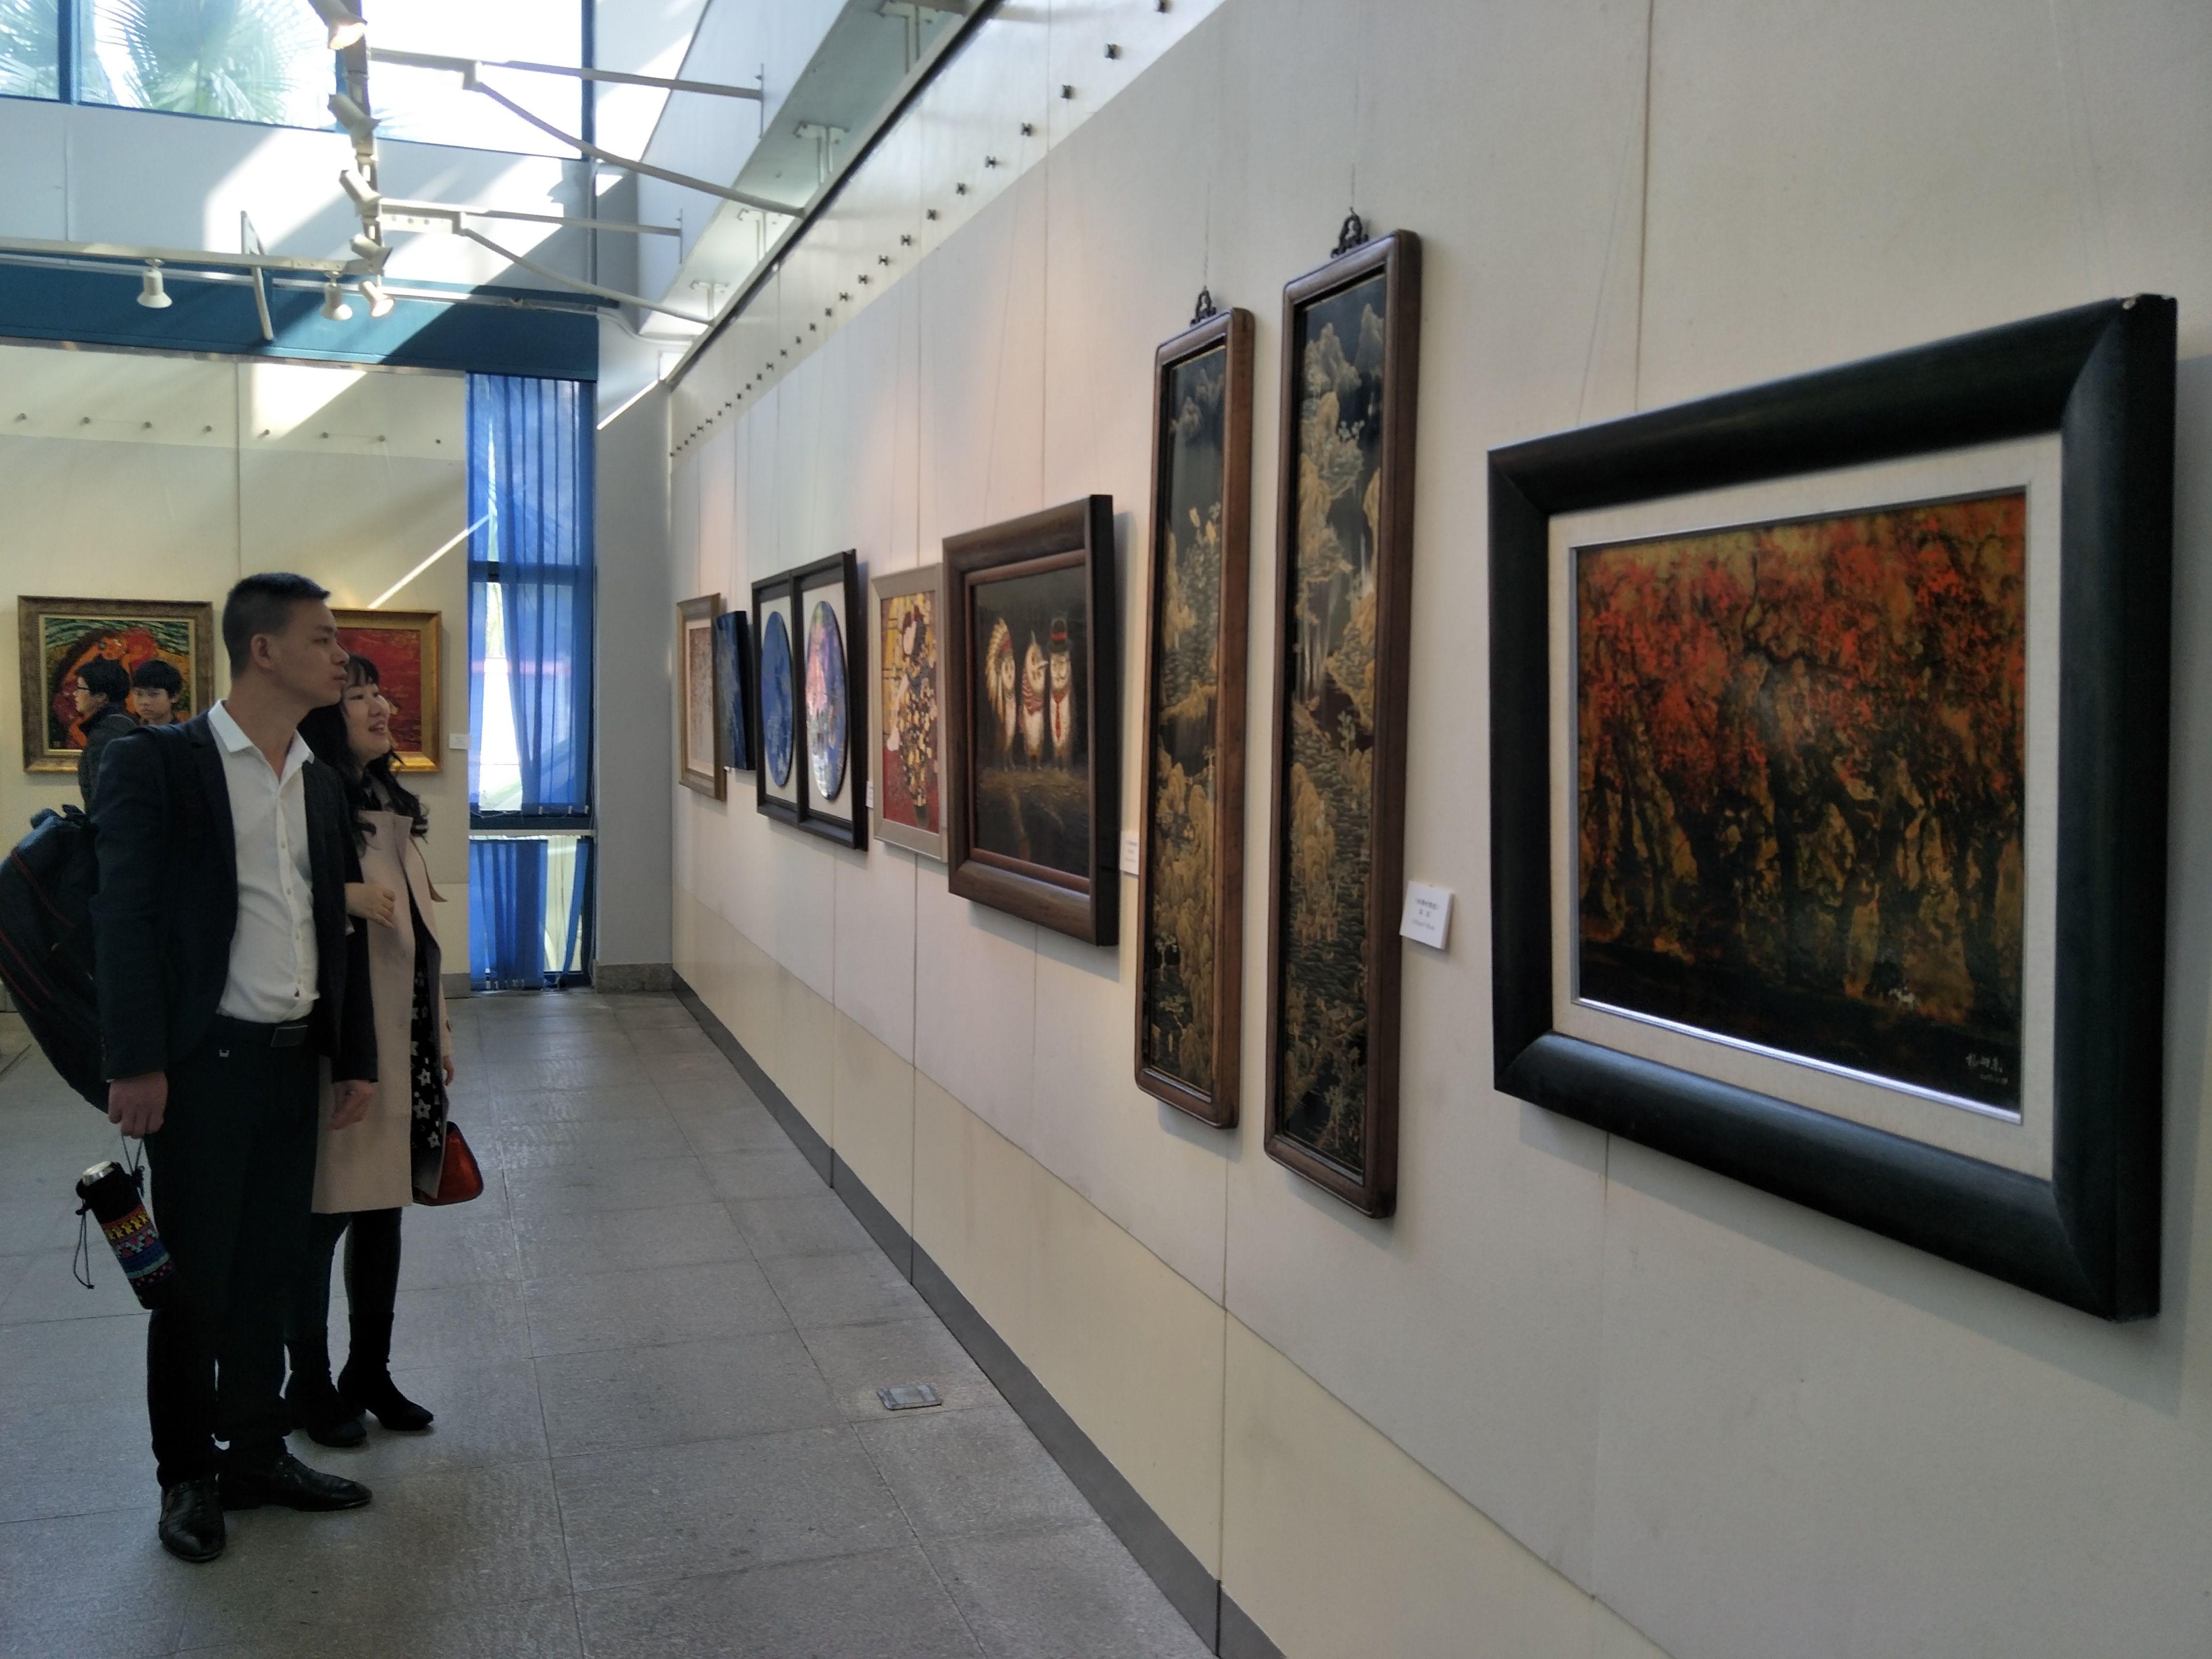 快来围观!中山美术馆漆画季活动今天正式启动!